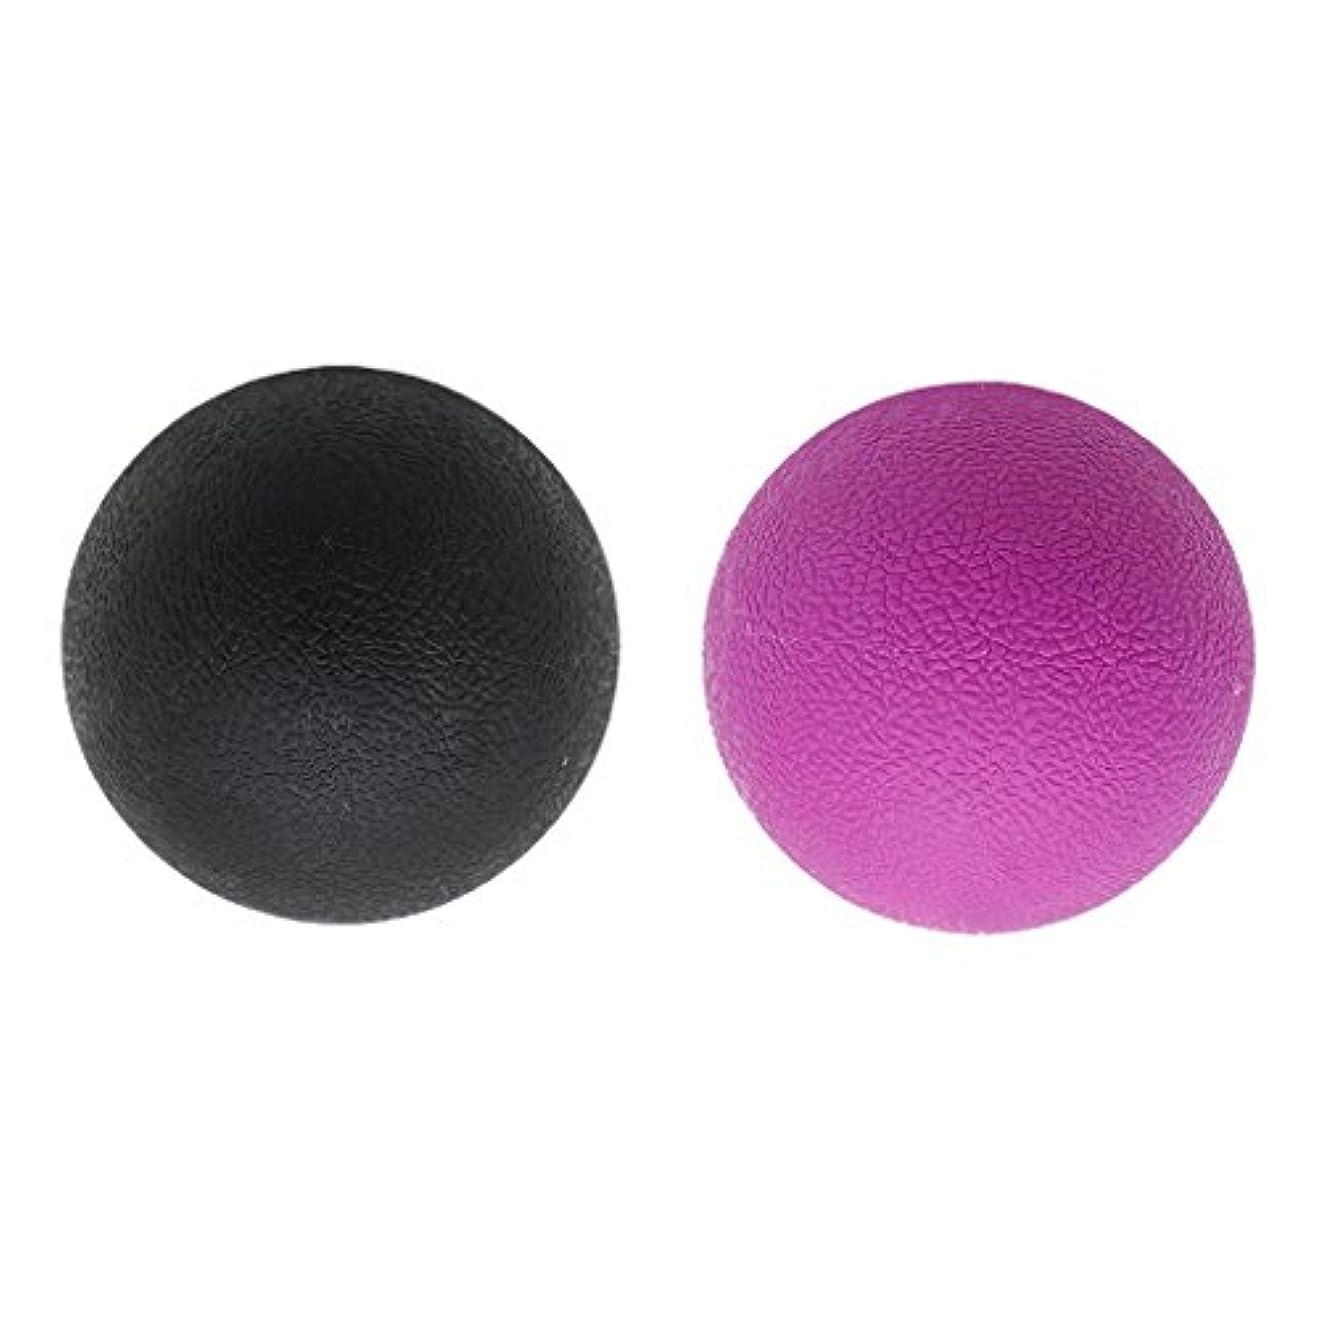 記念脇に細胞2個 マッサージボール ラクロスボール トリガ ポイントマッサージ 弾性TPE 多色選べる - ブラックパープル